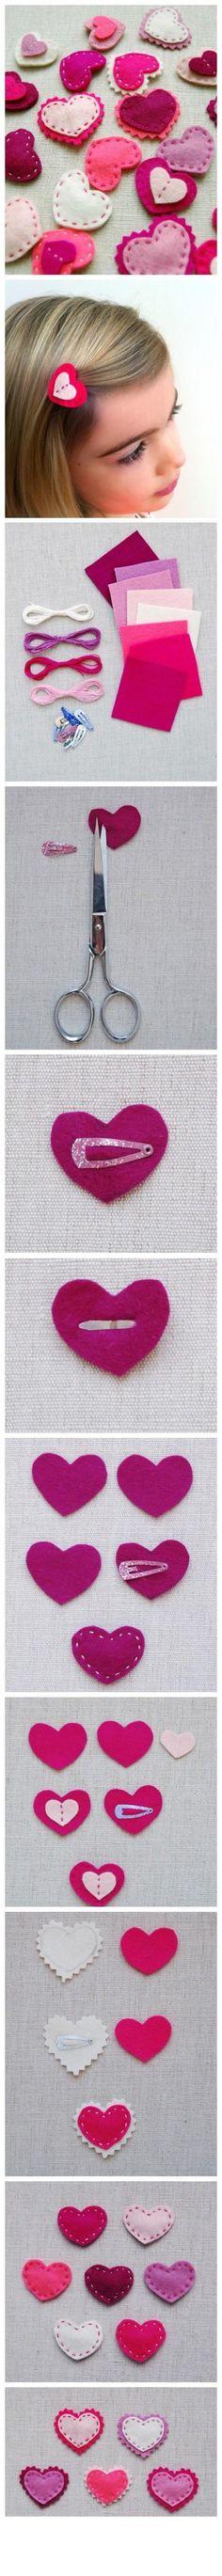 cute & simple..can create w/kids..no sew just glue :D